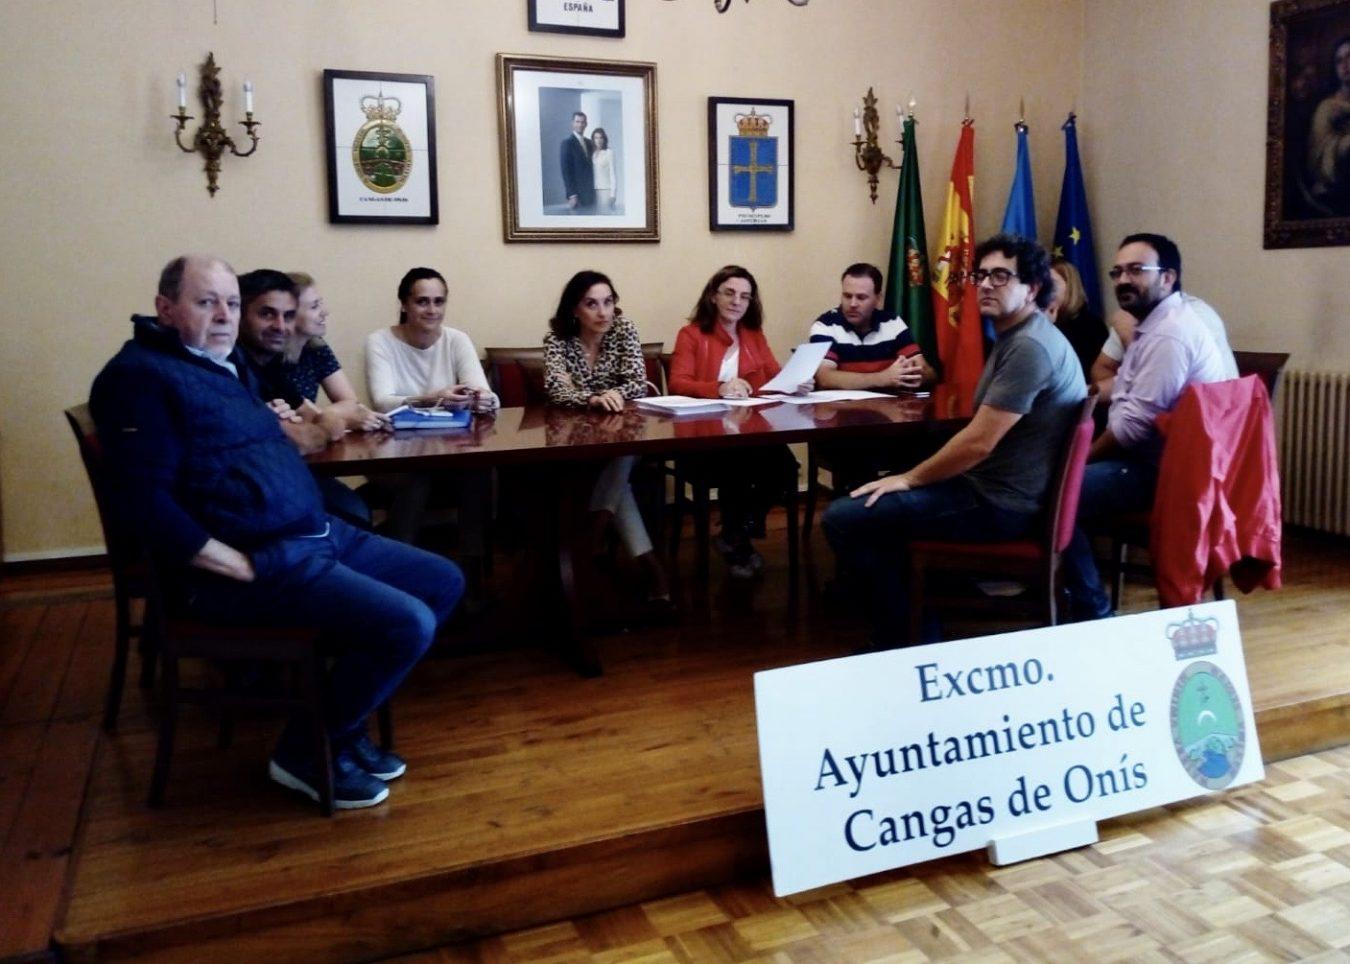 La Mancomunidad de Servicios Sociales de Cangas, Amieva y Onís aprueba un presupuesto de 1.170.000 euros